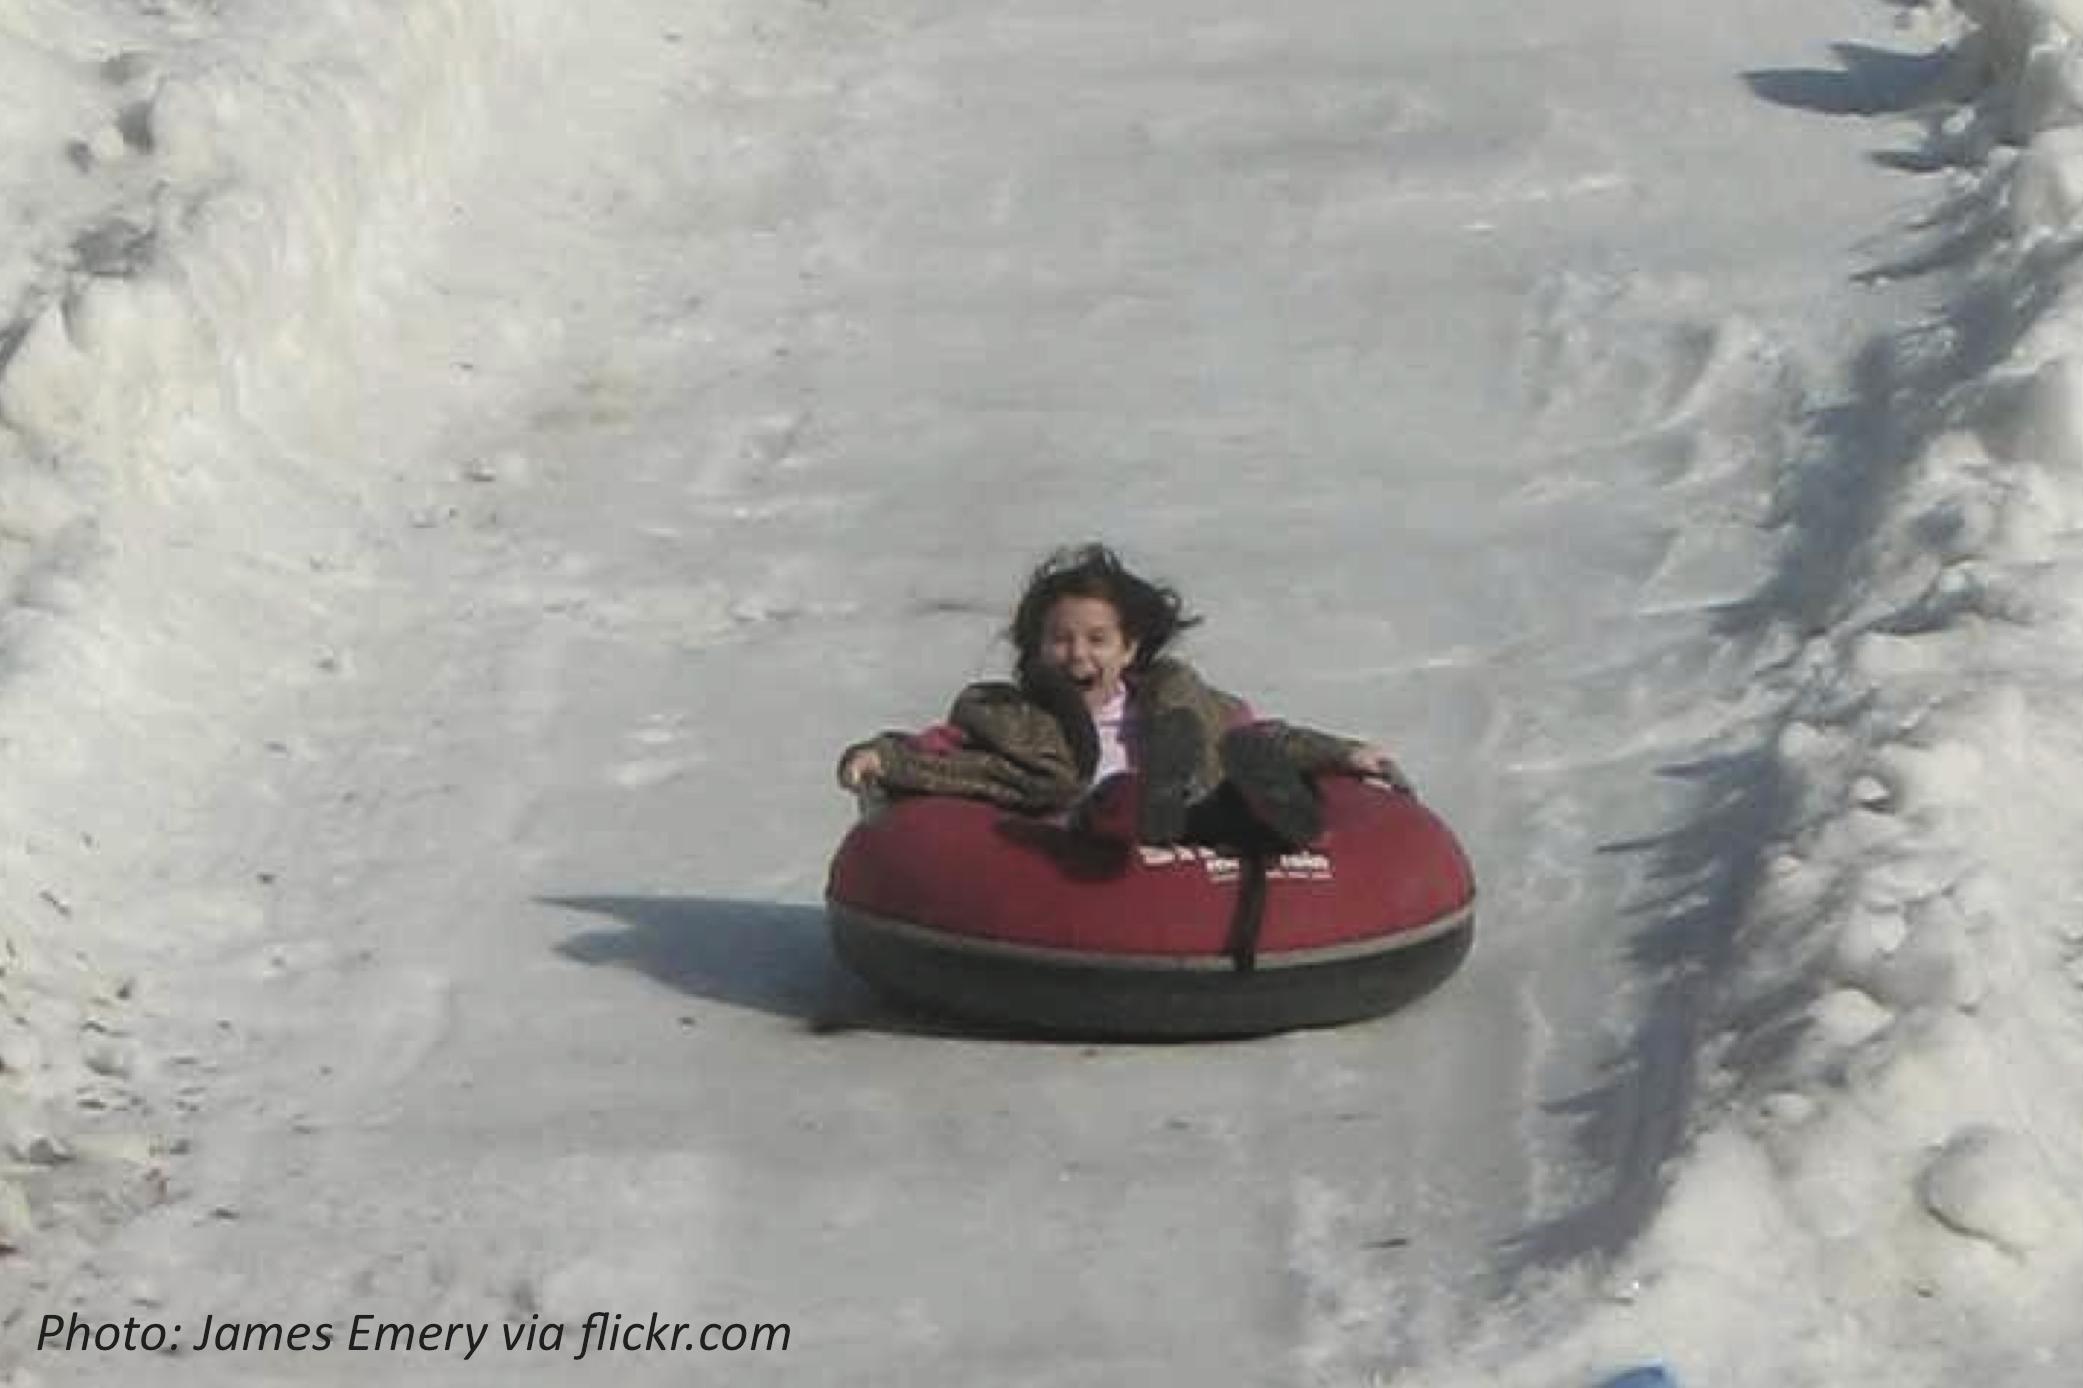 Going Slideways